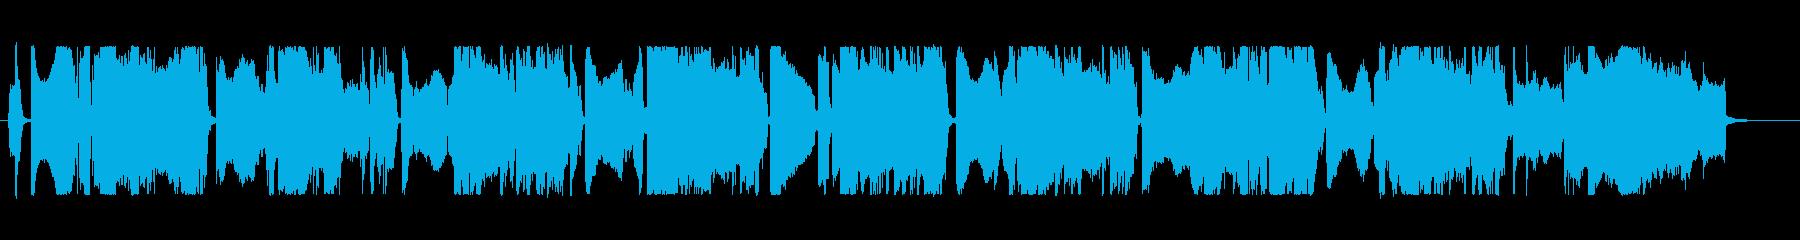 エッチ・セクシーなサックス(その1)の再生済みの波形